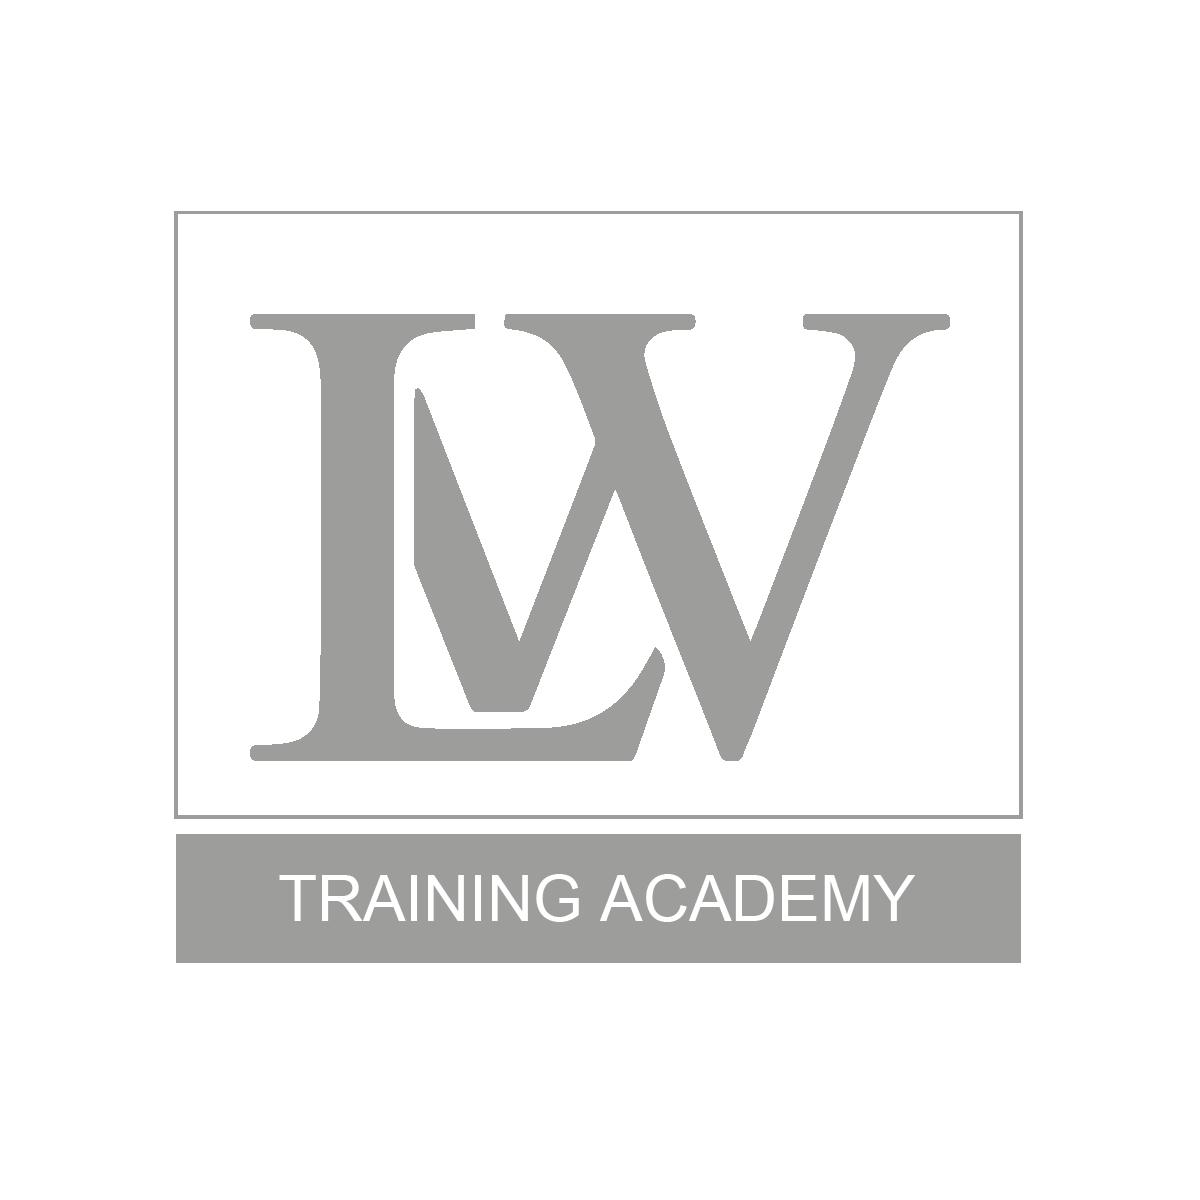 LW Training Academy